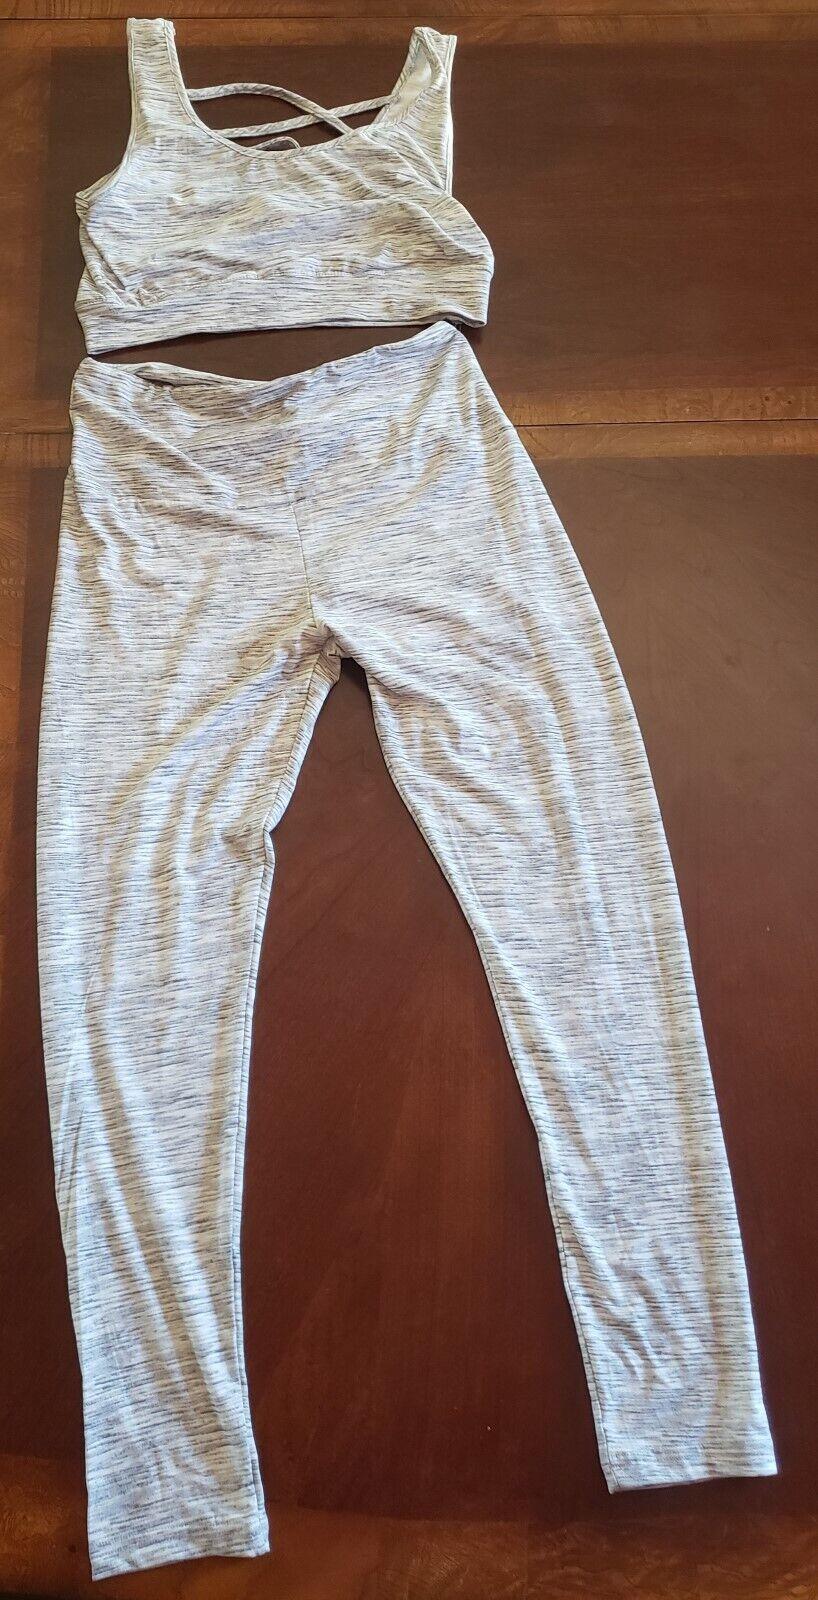 ShoSho 2pcs, Woman Sports Suits, Yoga Workout Clothes, Tracksuit, size L